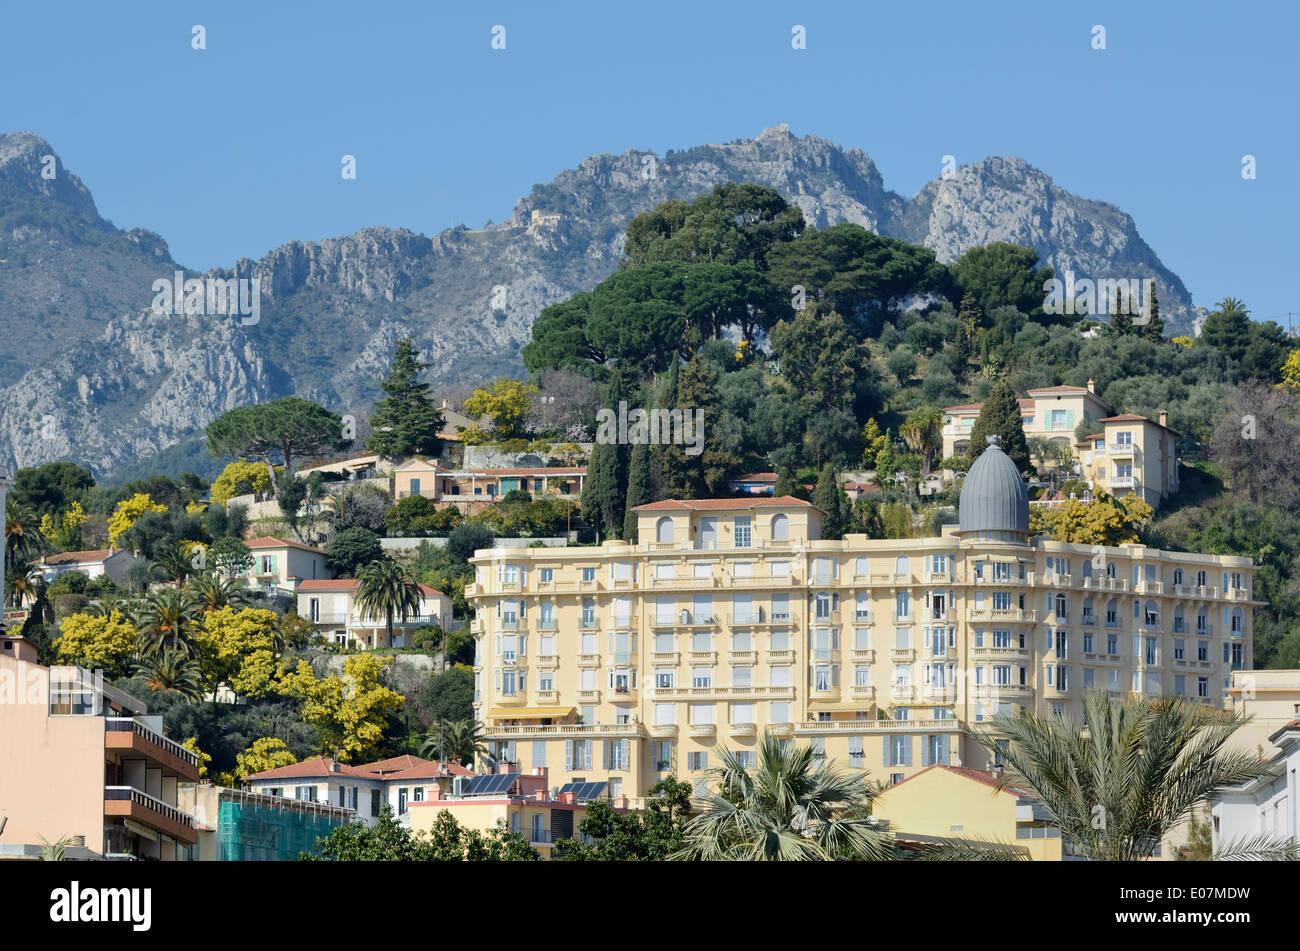 Belle Époque ou l'architecture Belle Epoque, et inférieur Alpes ou paroi rocheuse derrière Menton Alpes-Maritimes France Photo Stock